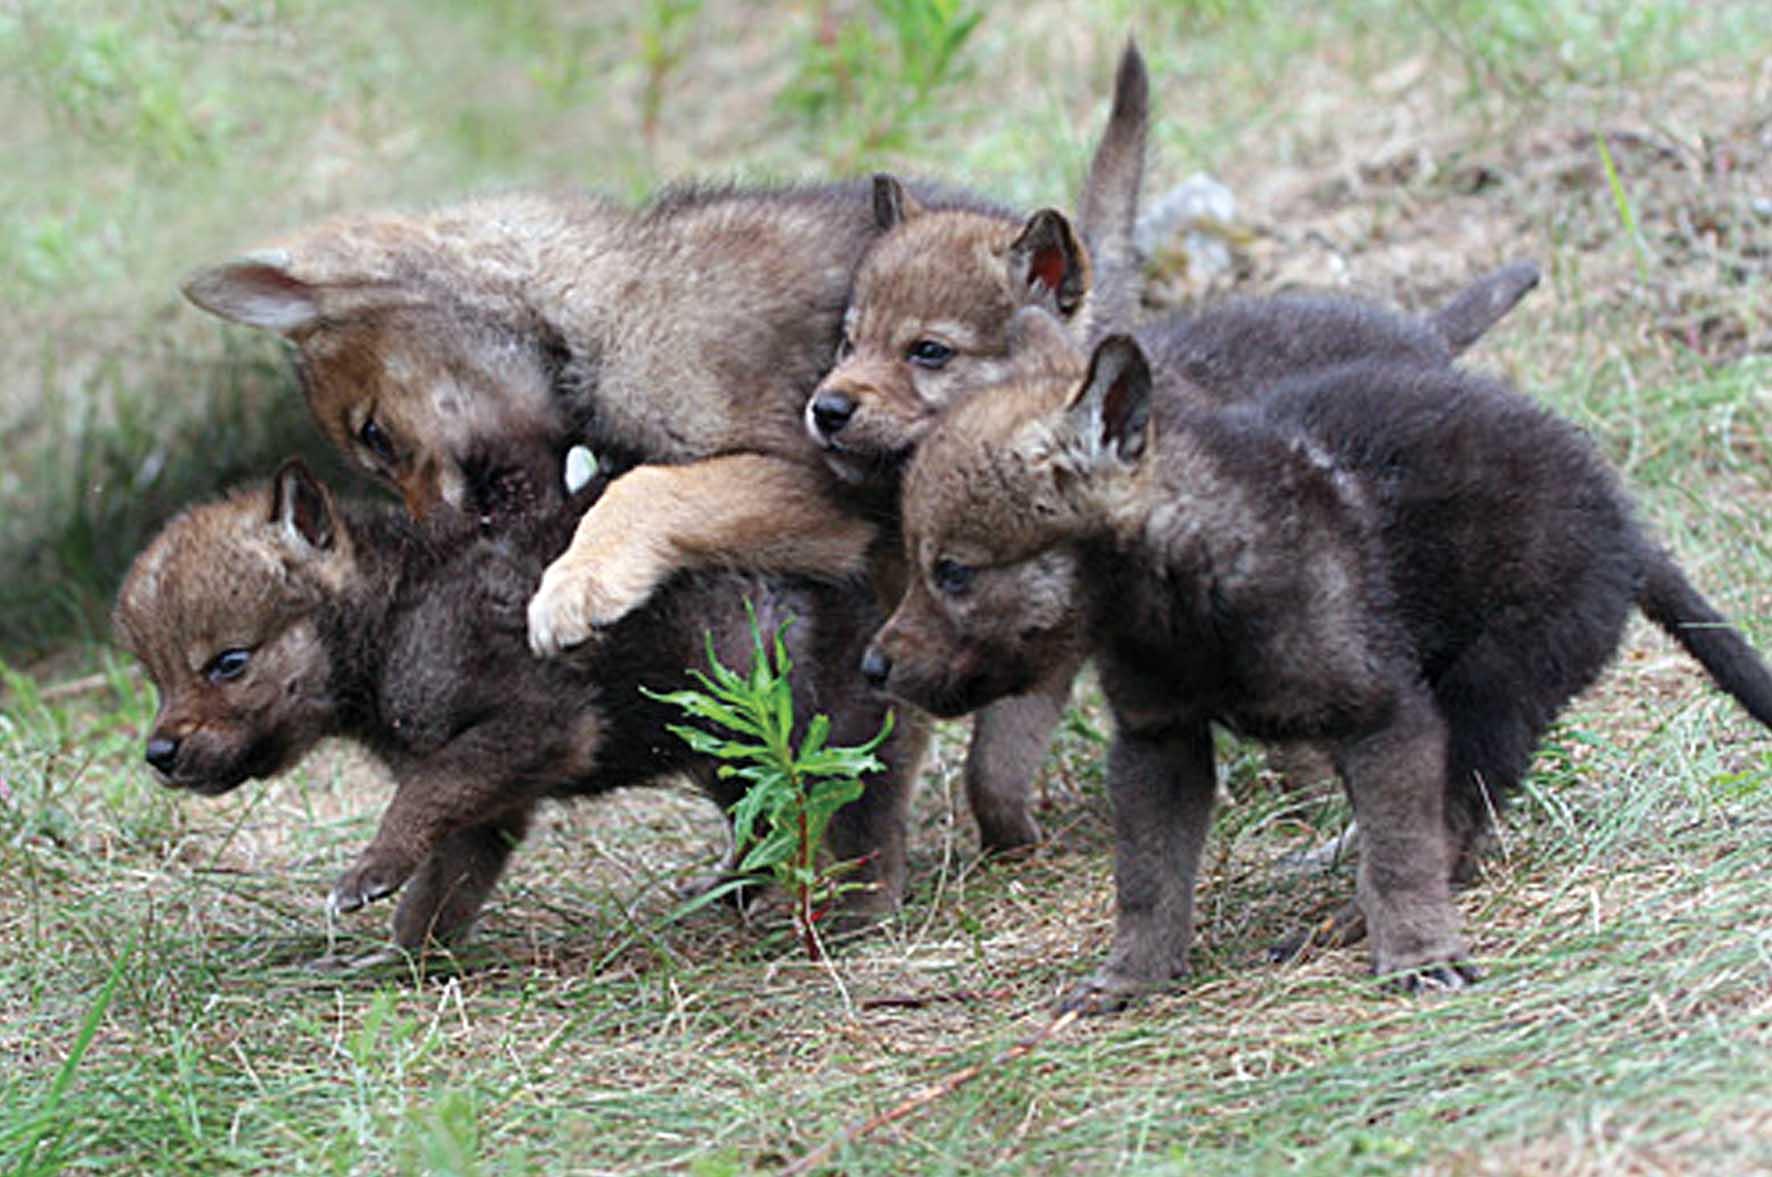 PAB cuccioli di lupo